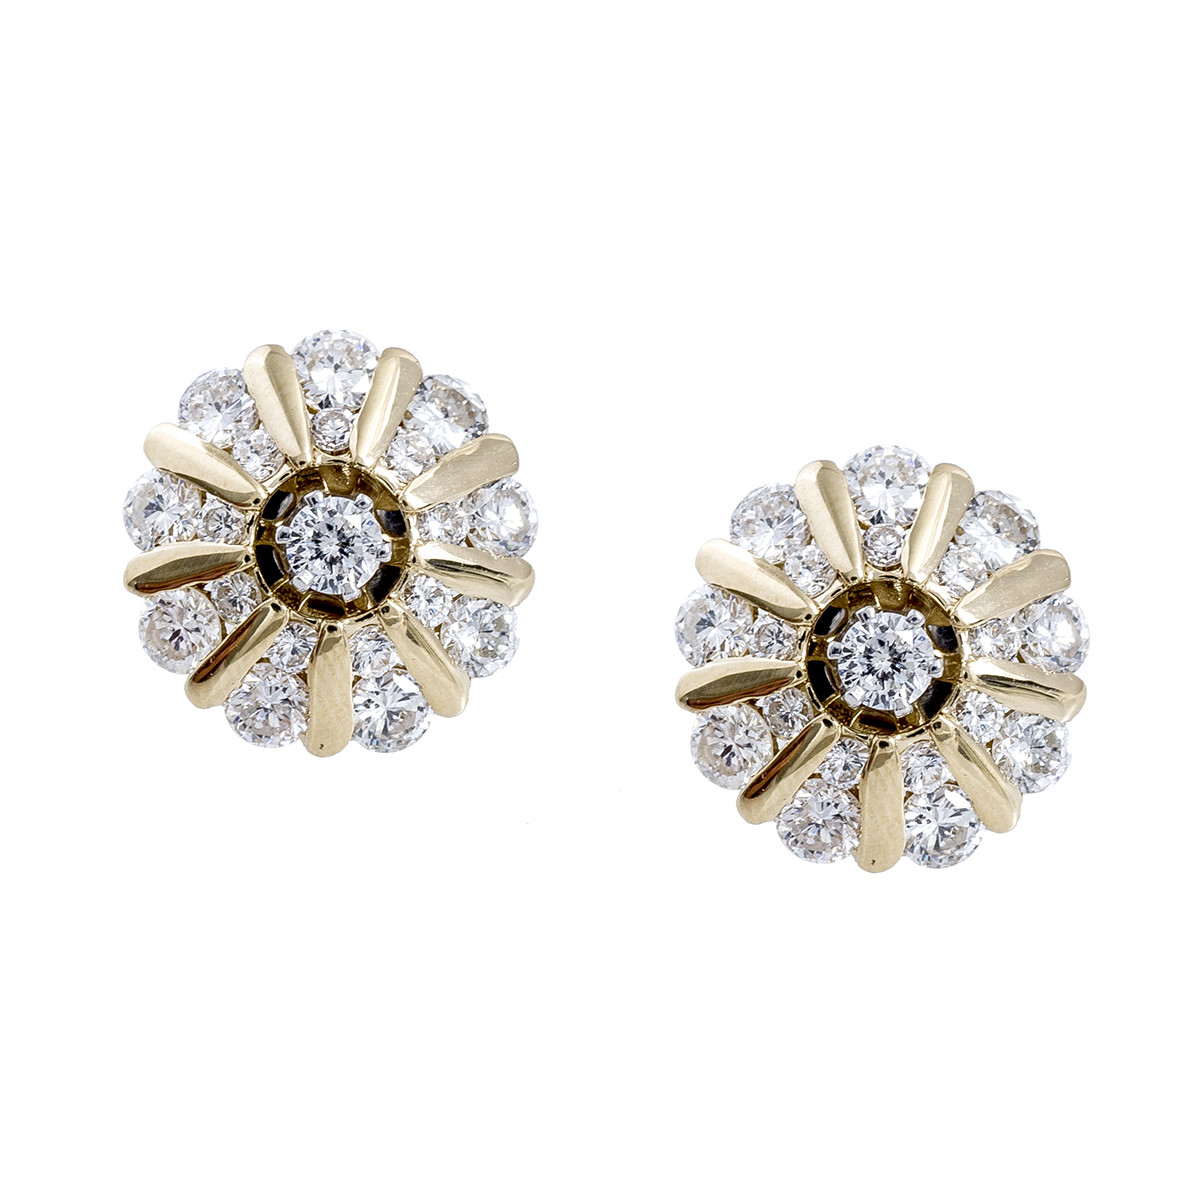 Vintage 1.45 CTW Diamond Stud Earrings & Jackets